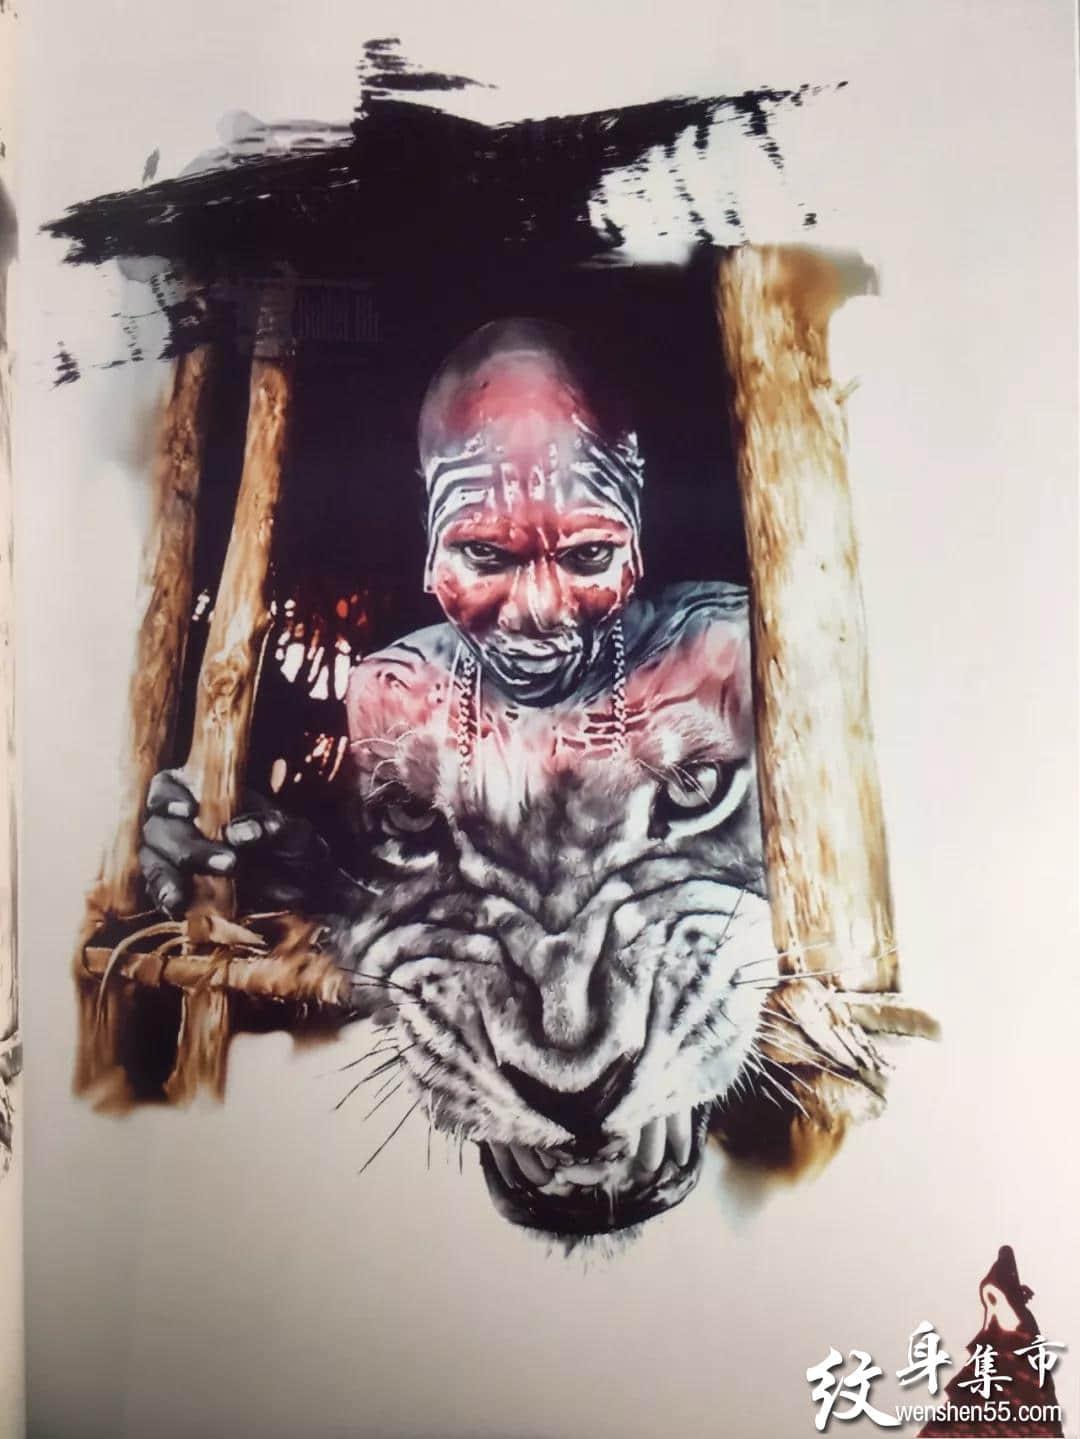 人物欧美写实纹身,人物欧美写实纹身手稿,人物欧美写实纹身手稿图案